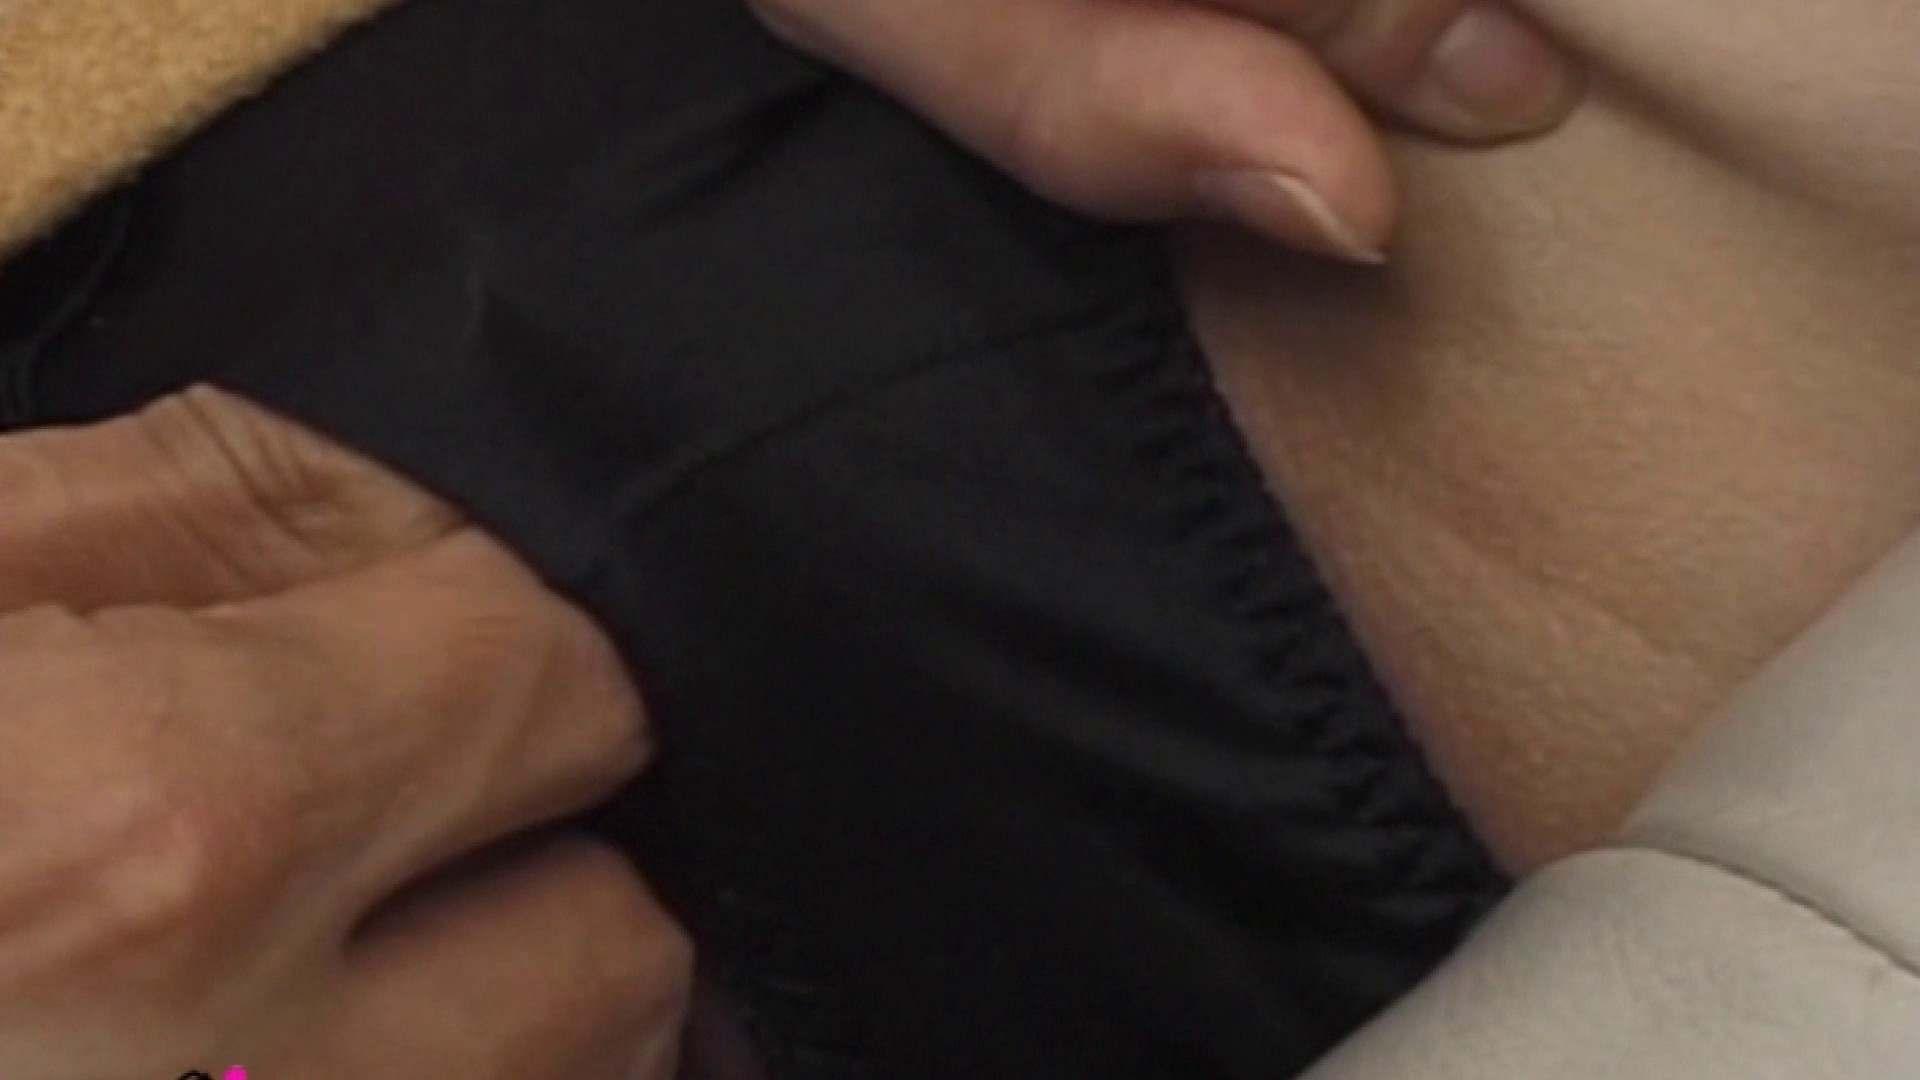 おしえてギャル子のH塾 Vol.42前編 フェラ | ギャル・コレクション  34連発 20